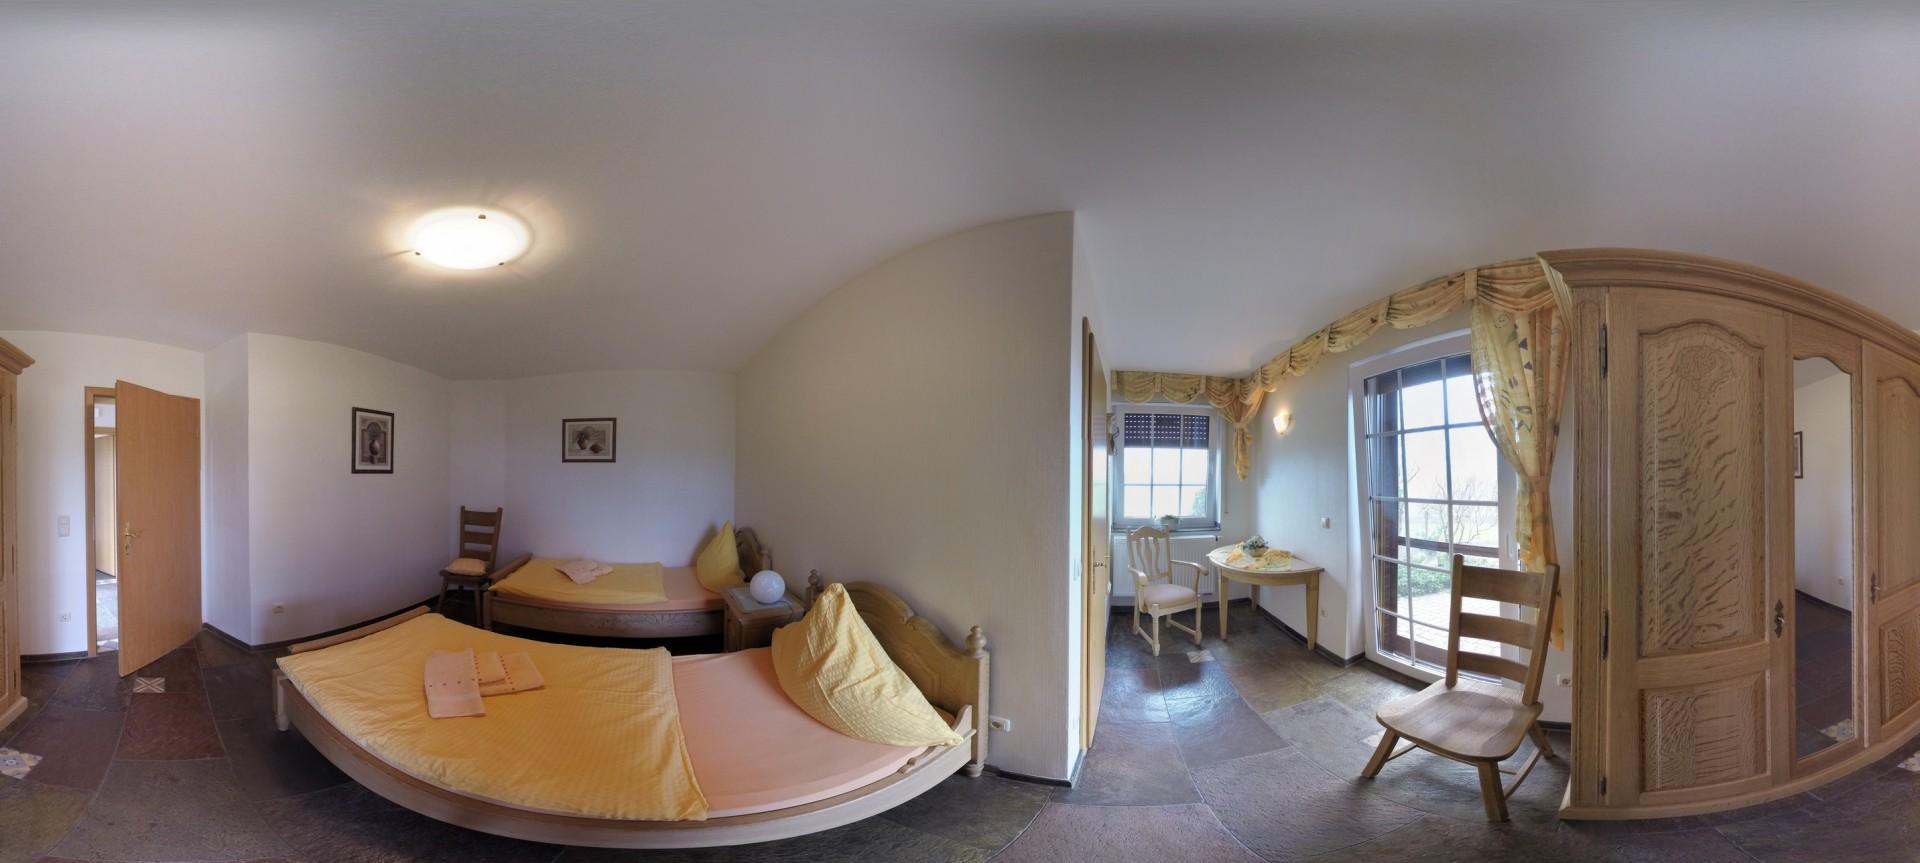 Wohnung4_Schlaf1_25